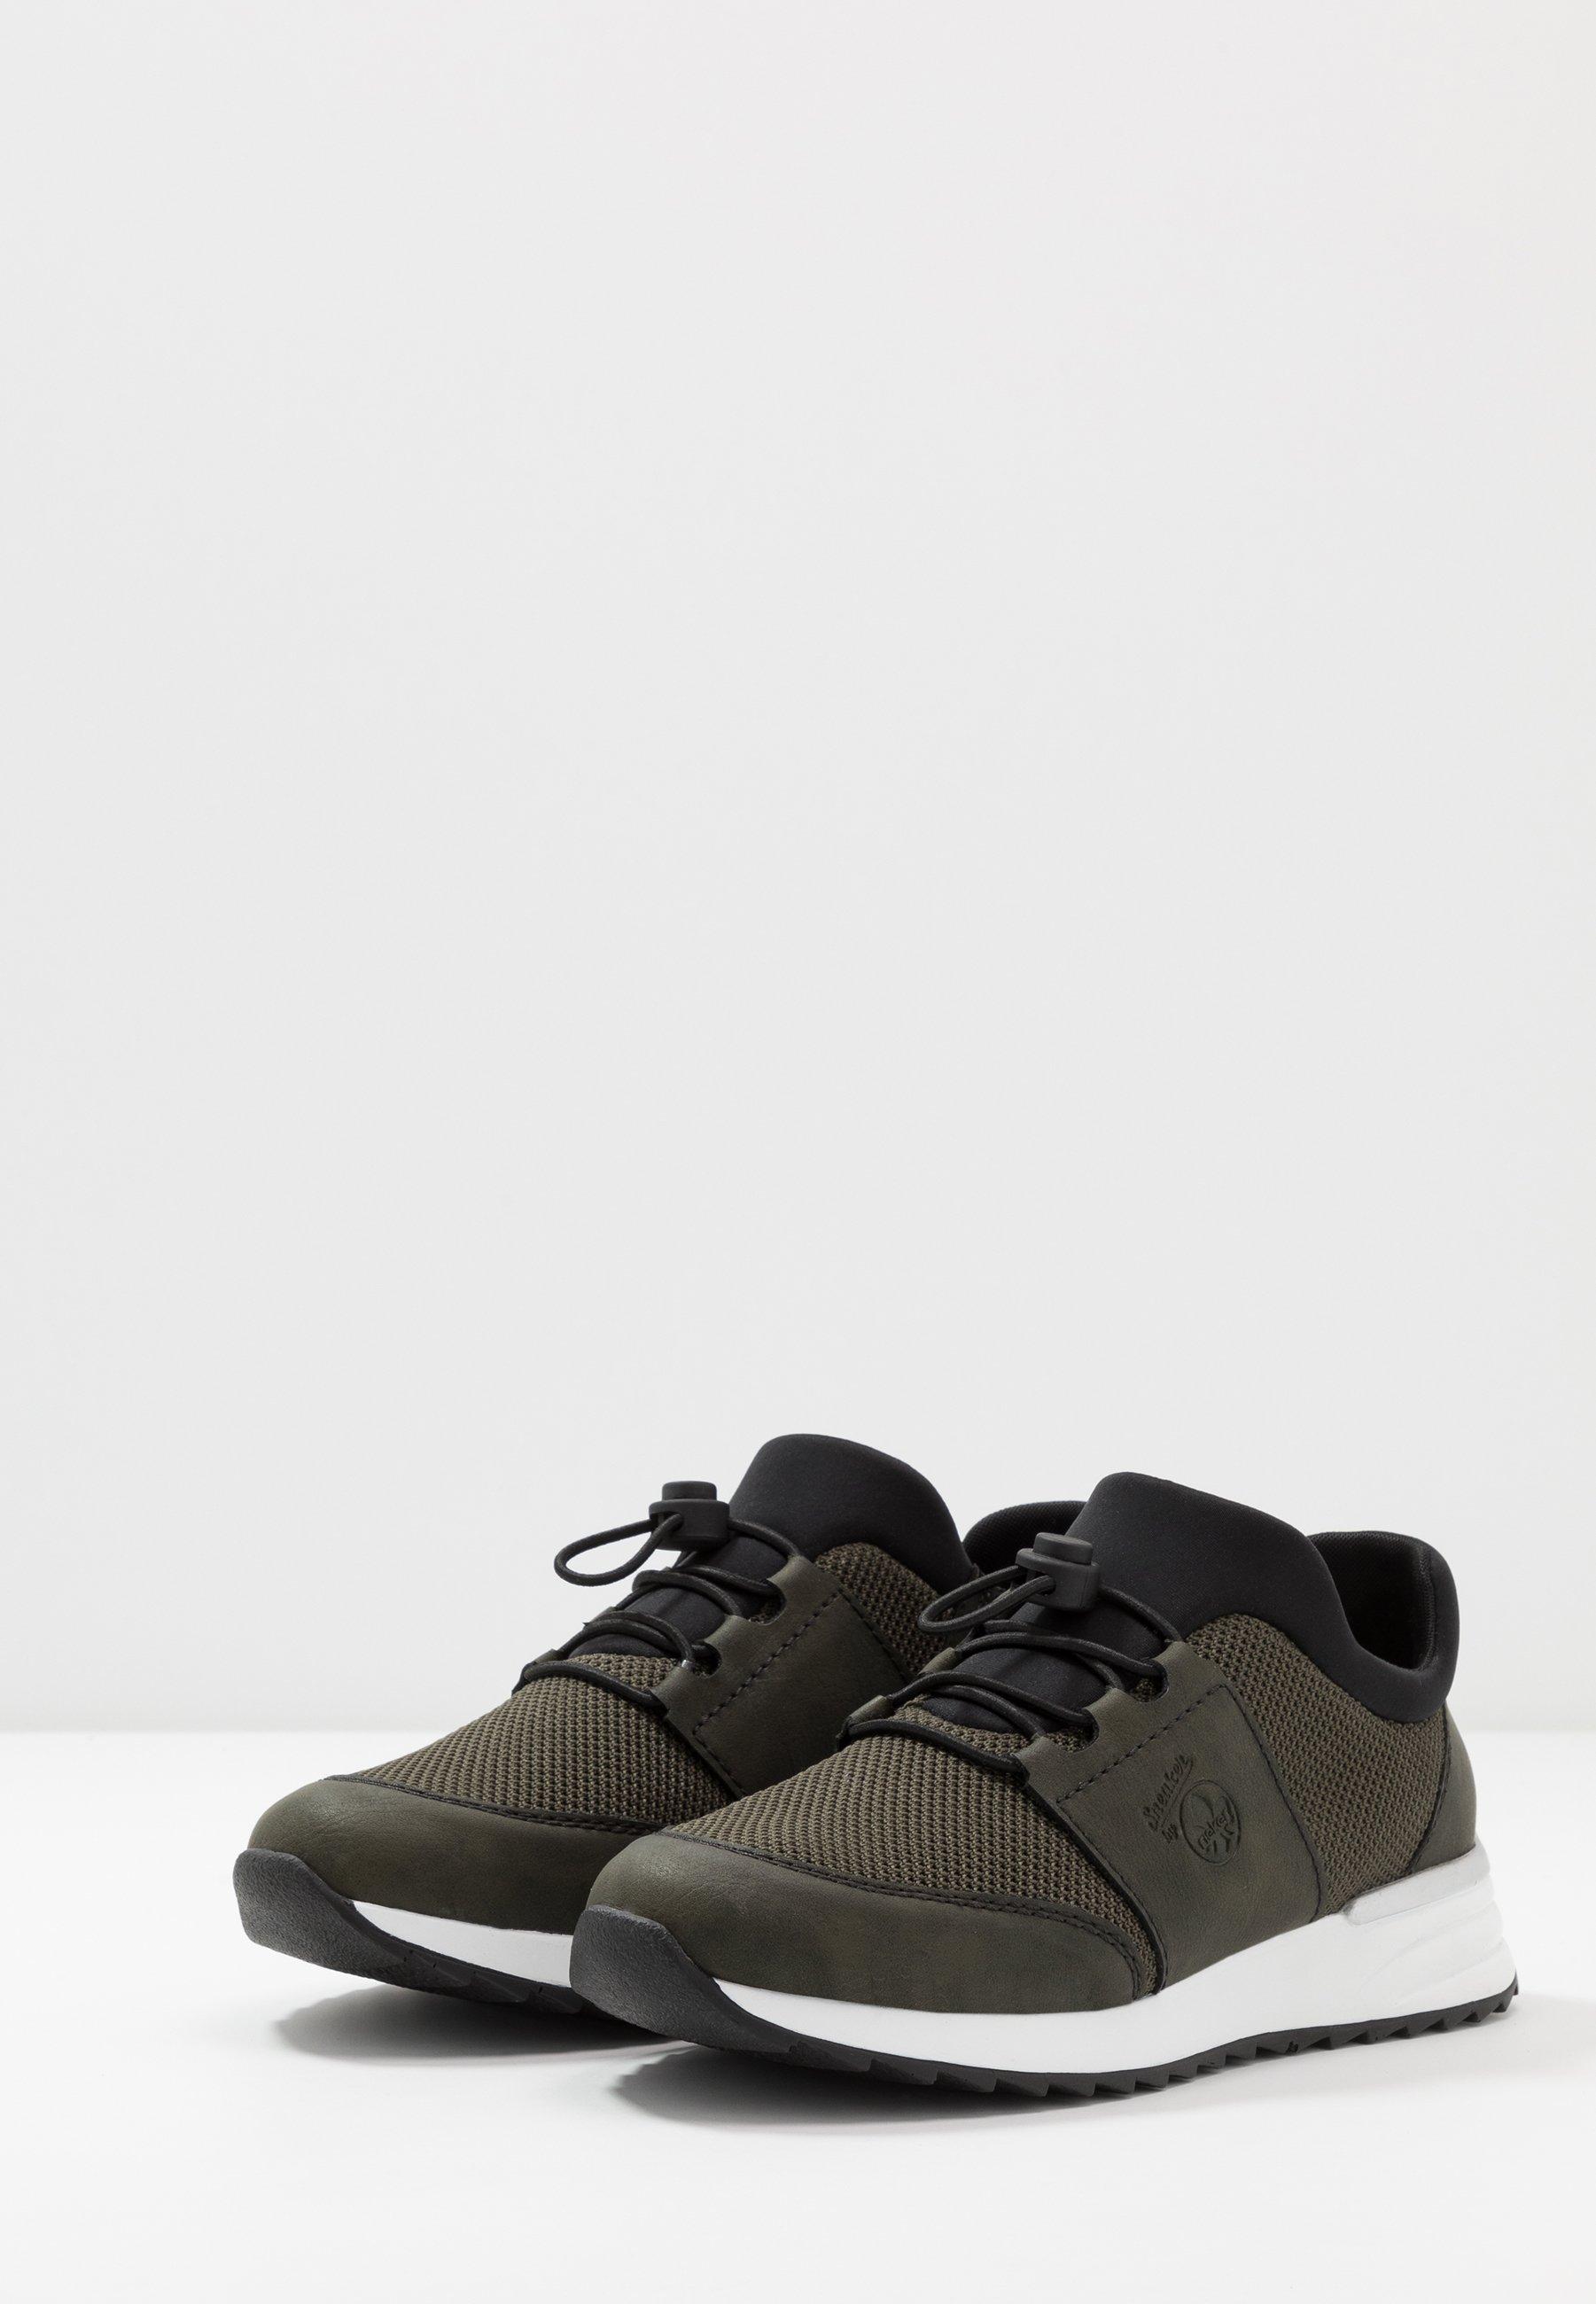 Limit Offer Cheap High-Quality Cheap Women's Shoes Rieker Trainers forest/schwarz 1lhTdzpIK BQoz1Ac8D